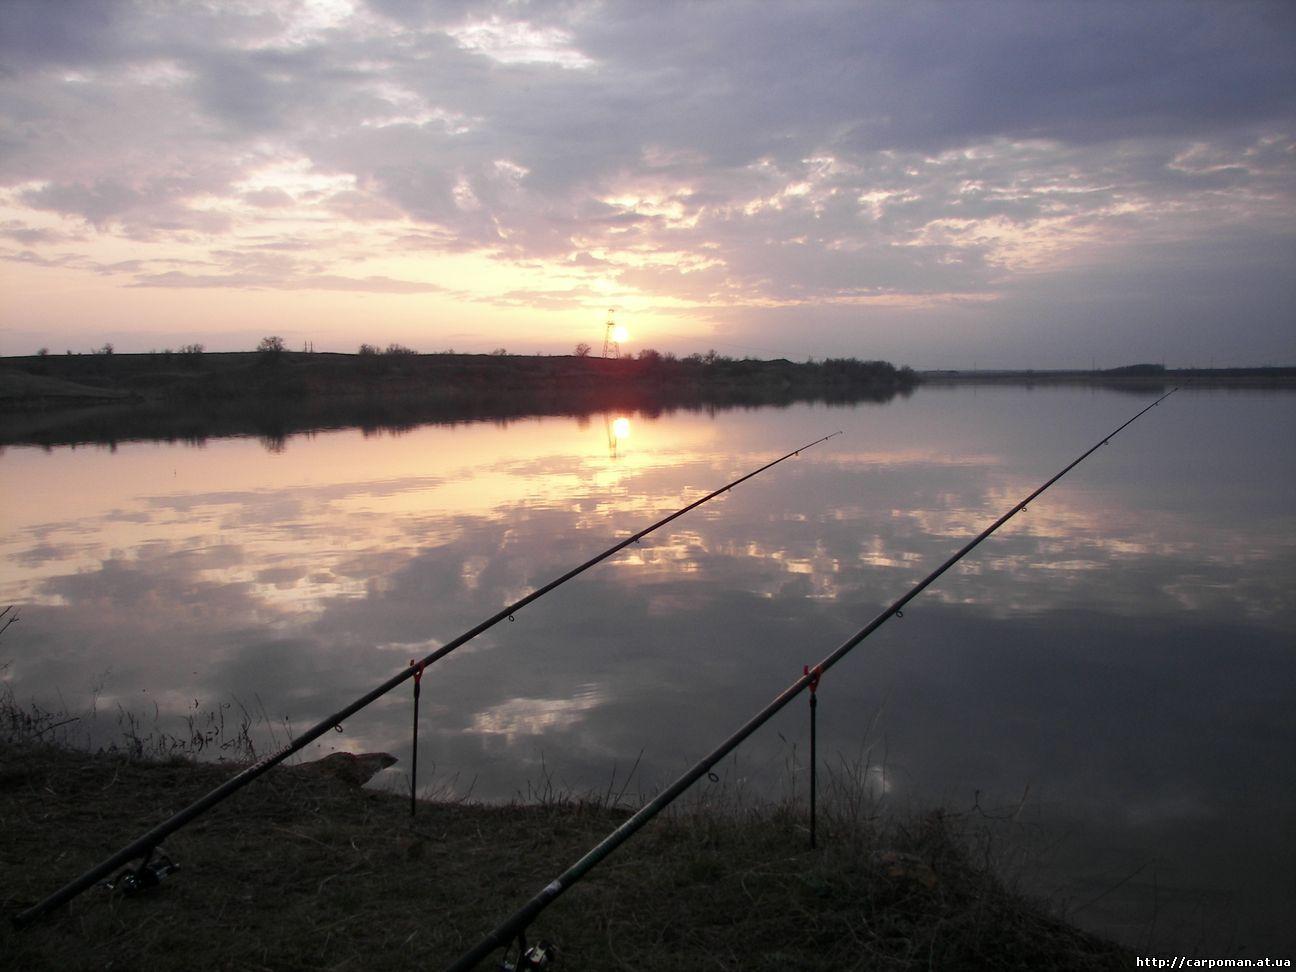 Рыбалка на маховую удочку весной, Ловля весной на маховую удочку Рыбалка - клев тут 25 фотография